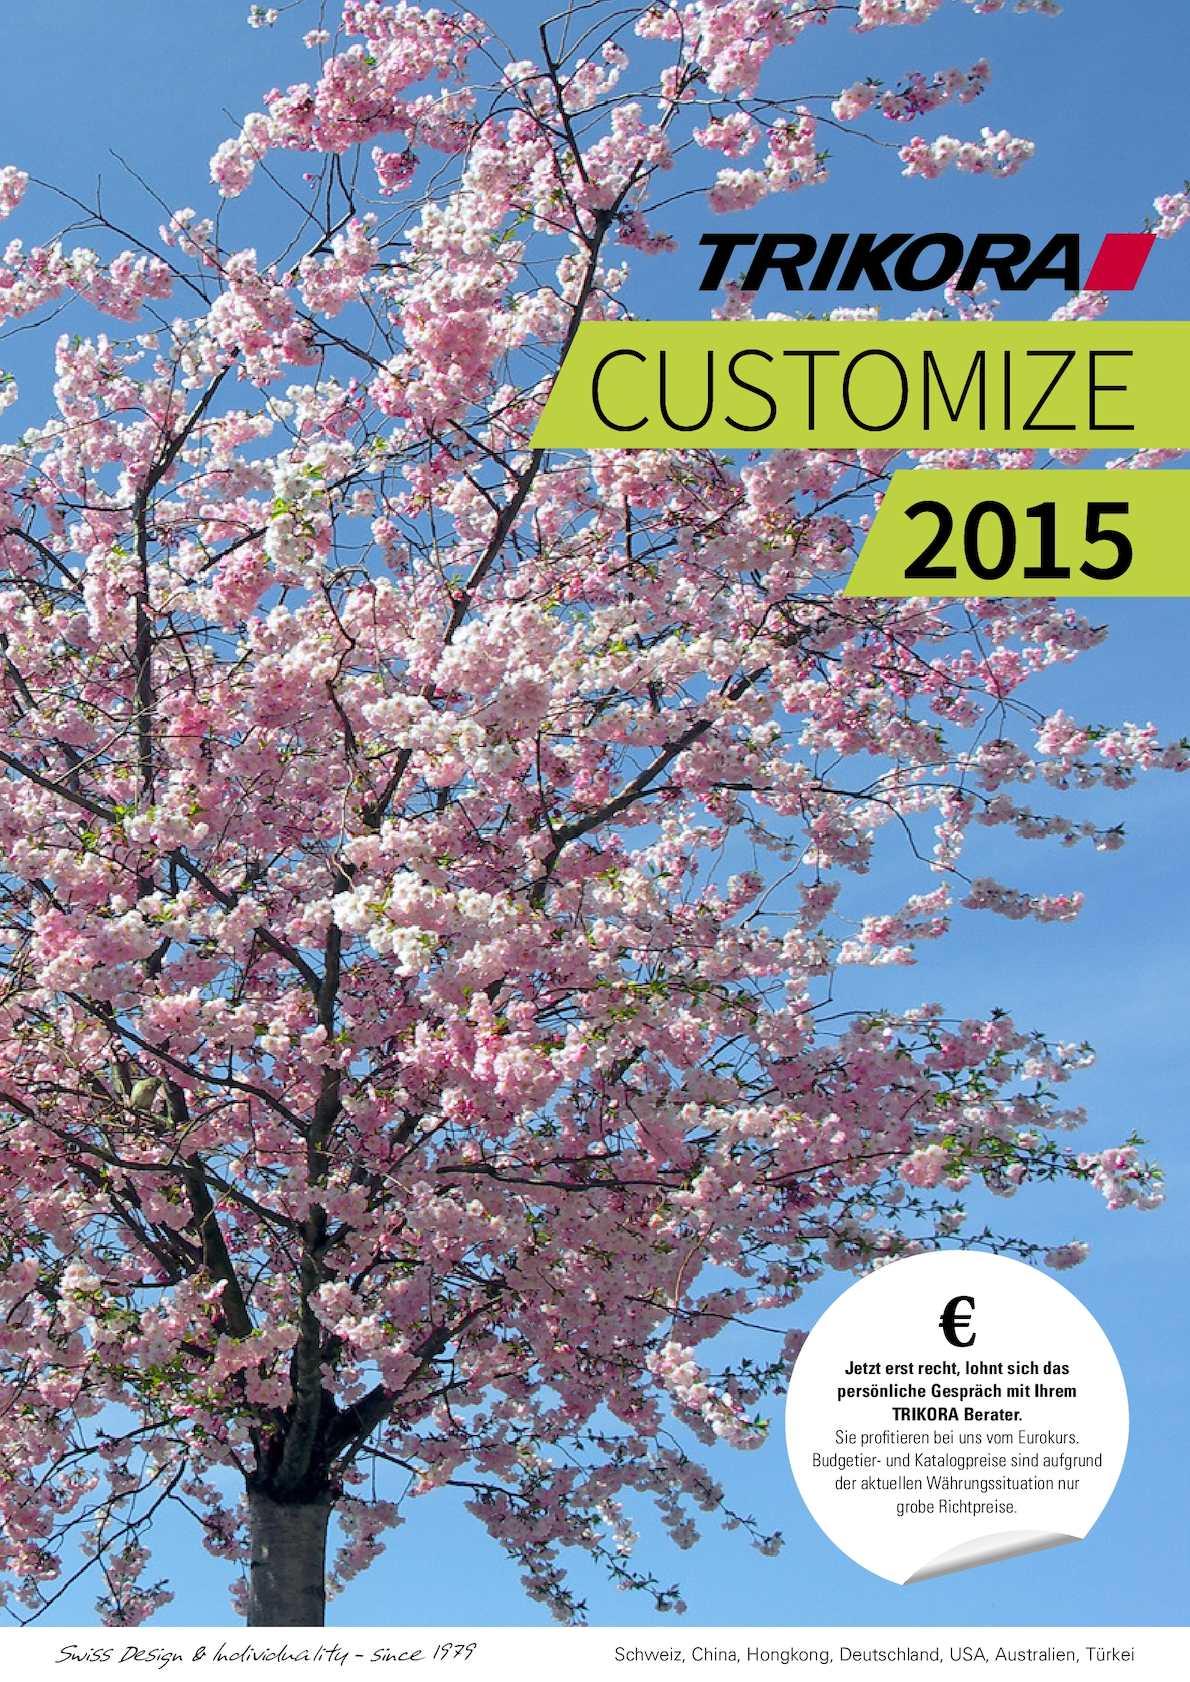 Calaméo - TRIKORA Customize 2015